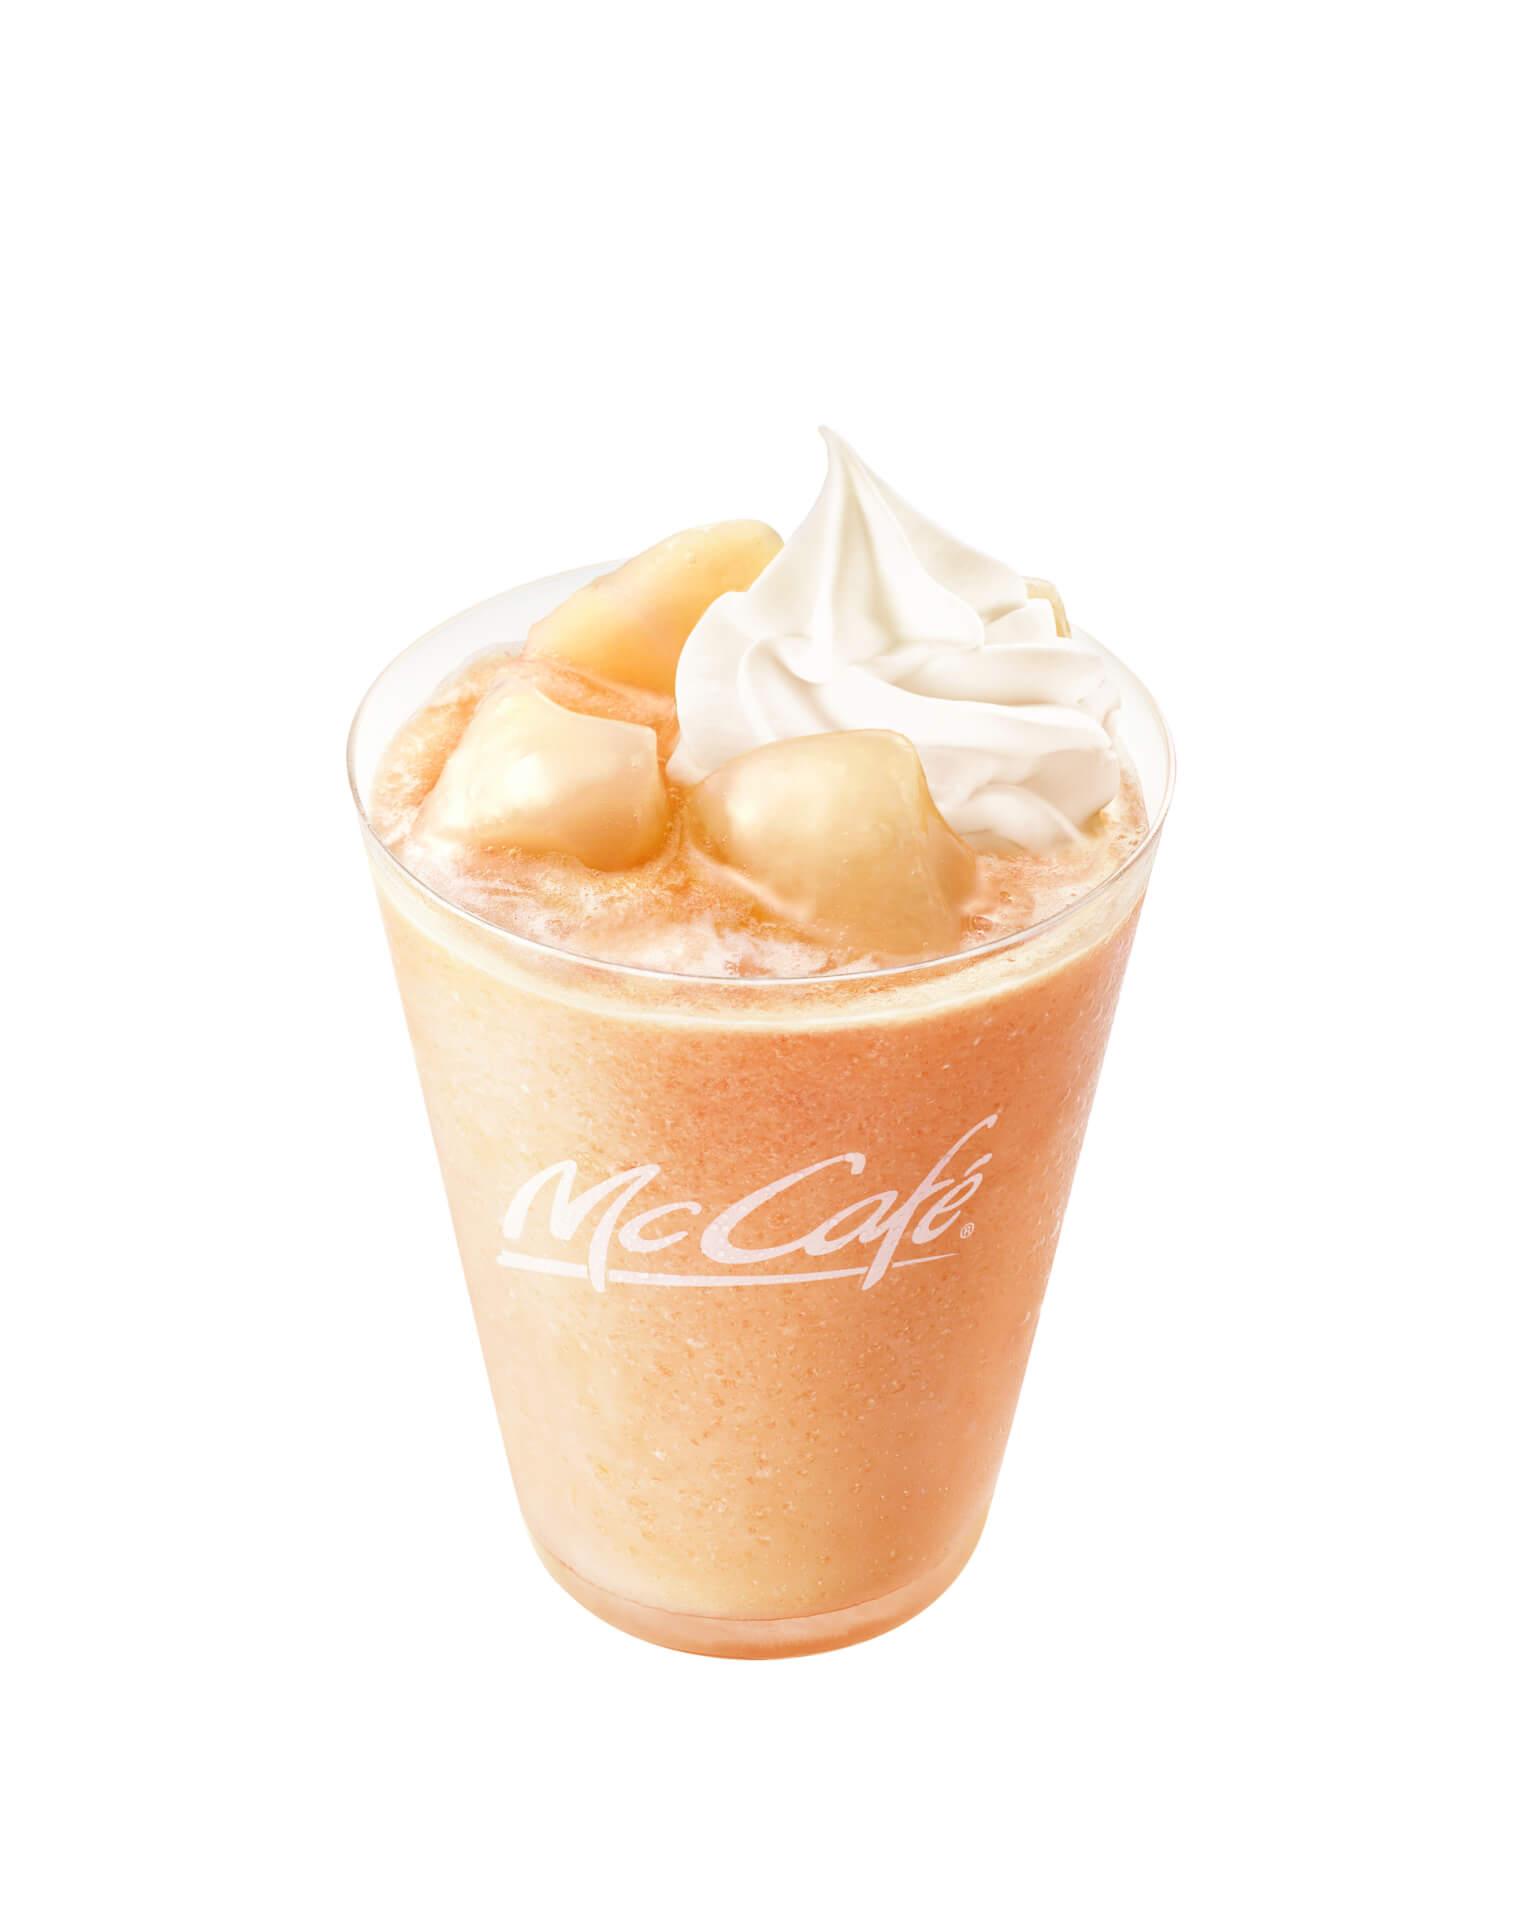 マクドナルドのMcCafé by Baristaに夏気分を先取りできる「桃のスムージー」が再登場! gourmet200513_mcdonald_momo_1